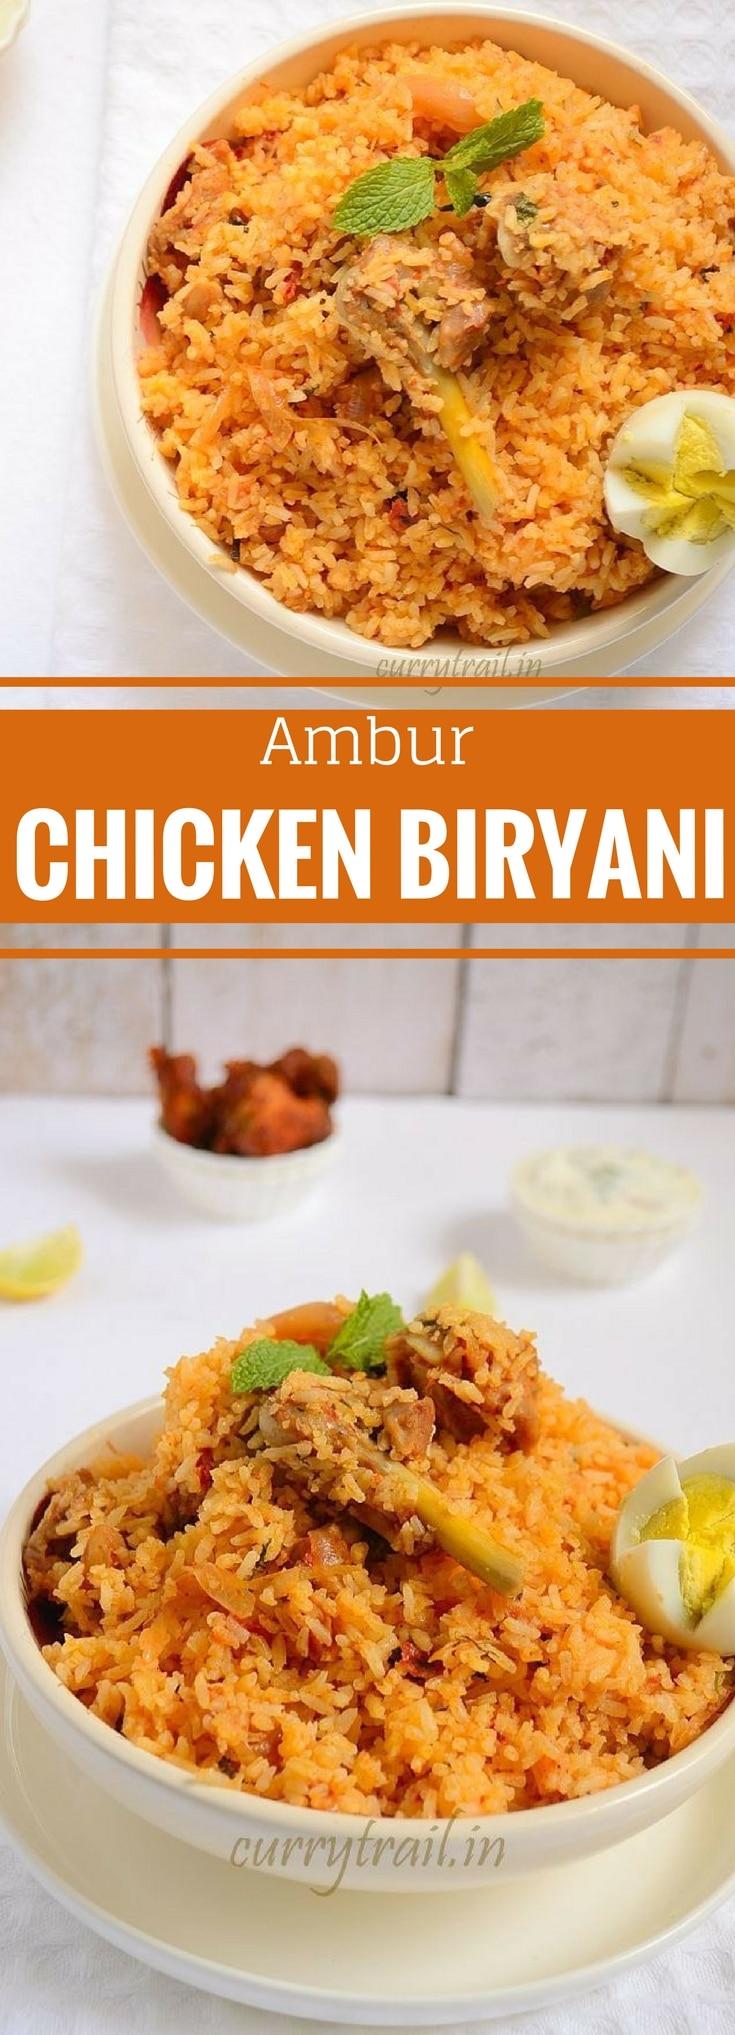 Ambur chicken biryani in a while bowl with chicken leg piece